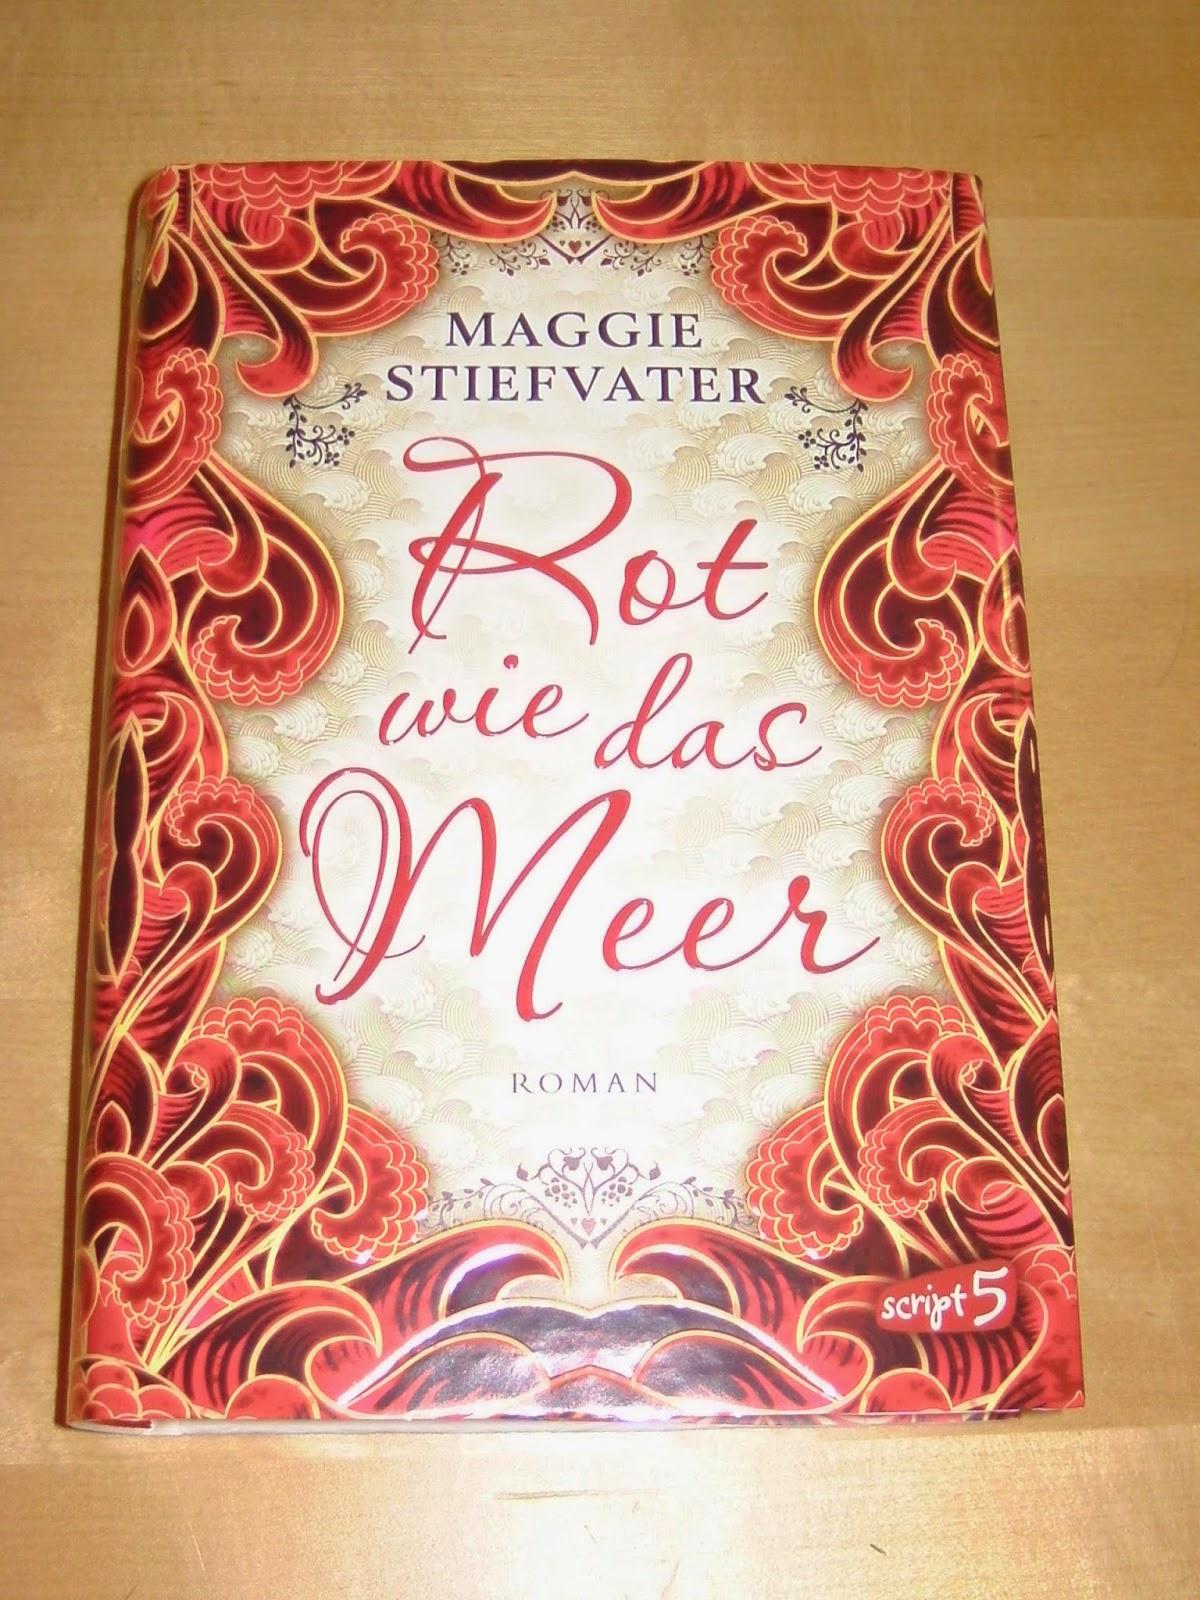 http://www.amazon.de/Rot-wie-Meer-Maggie-Stiefvater/dp/3839001471